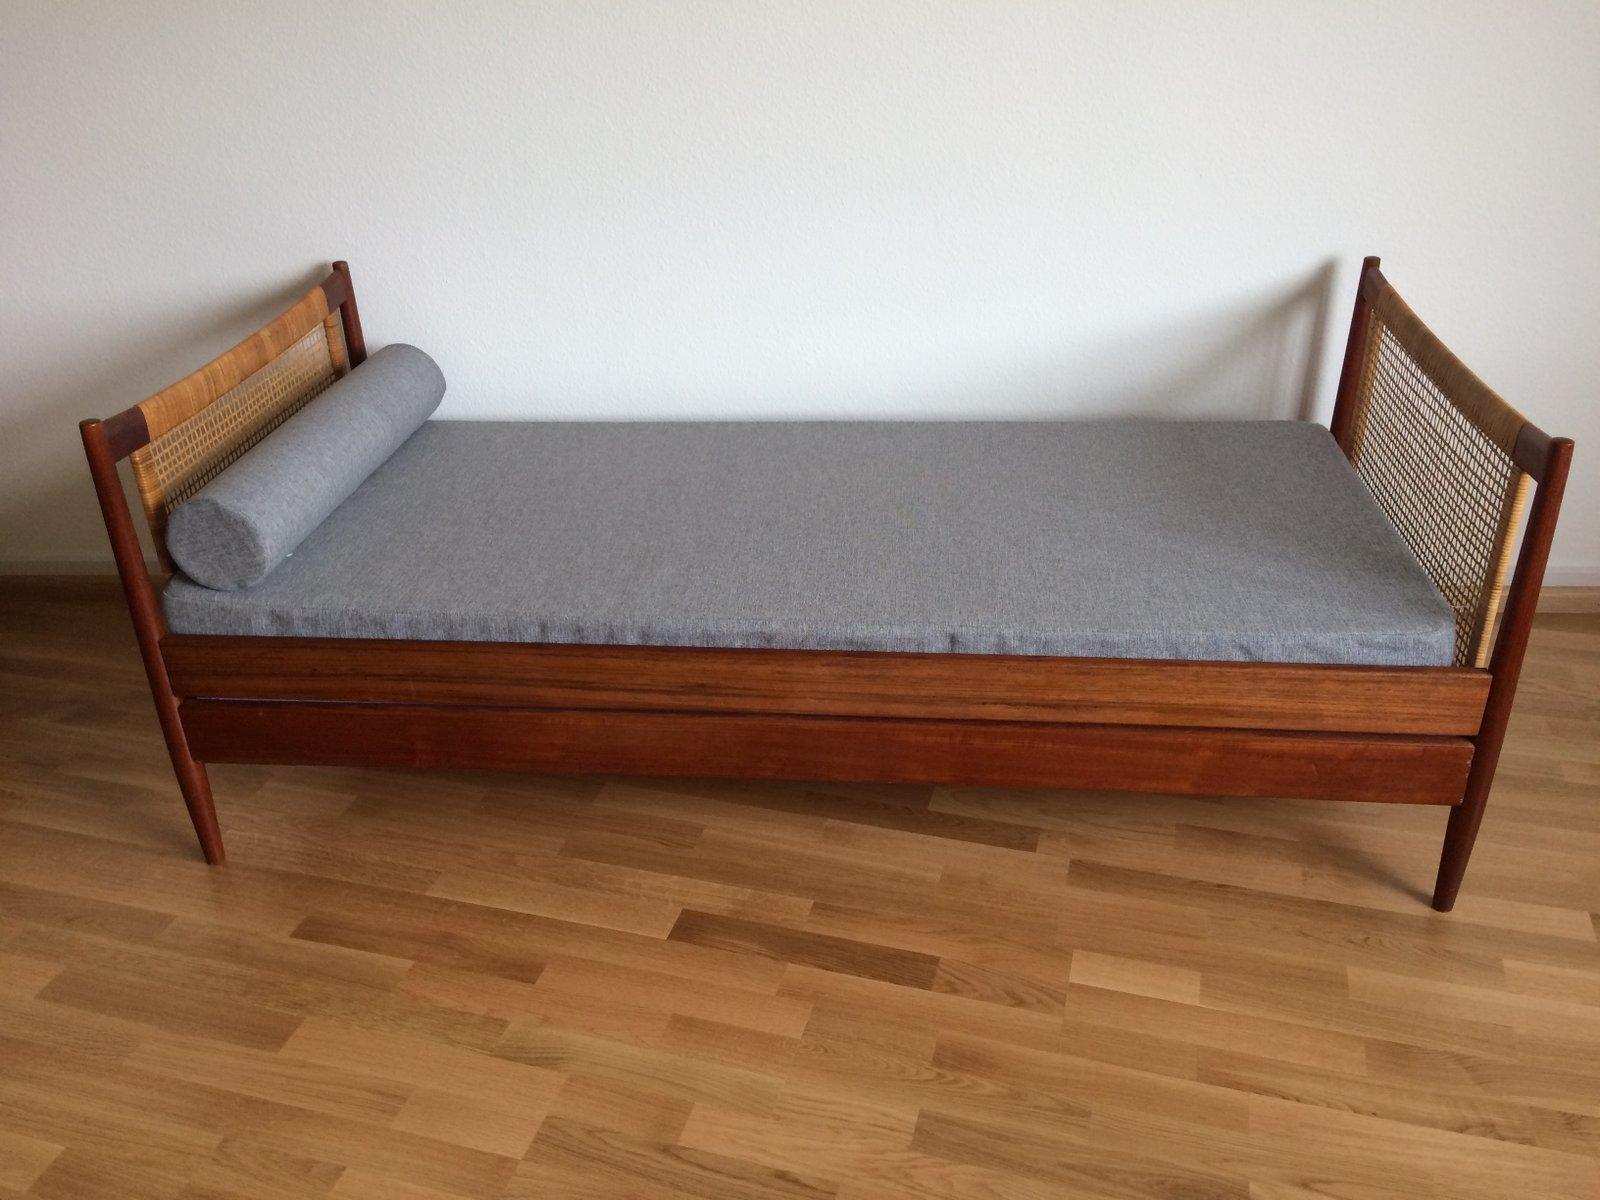 tagesbett von b rge mogensen f r s borg m bler 1960er bei pamono kaufen. Black Bedroom Furniture Sets. Home Design Ideas